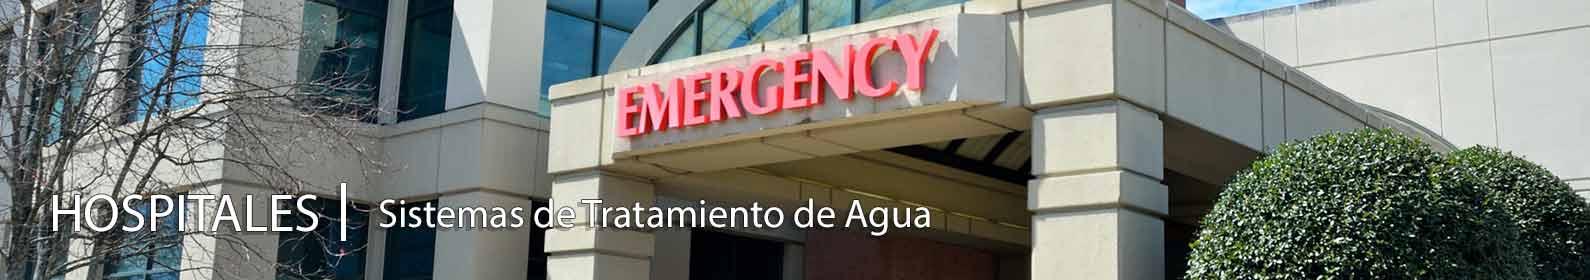 sistemas-de-osmosis-inversa-y-tratamiento-de-hospitales.jpg